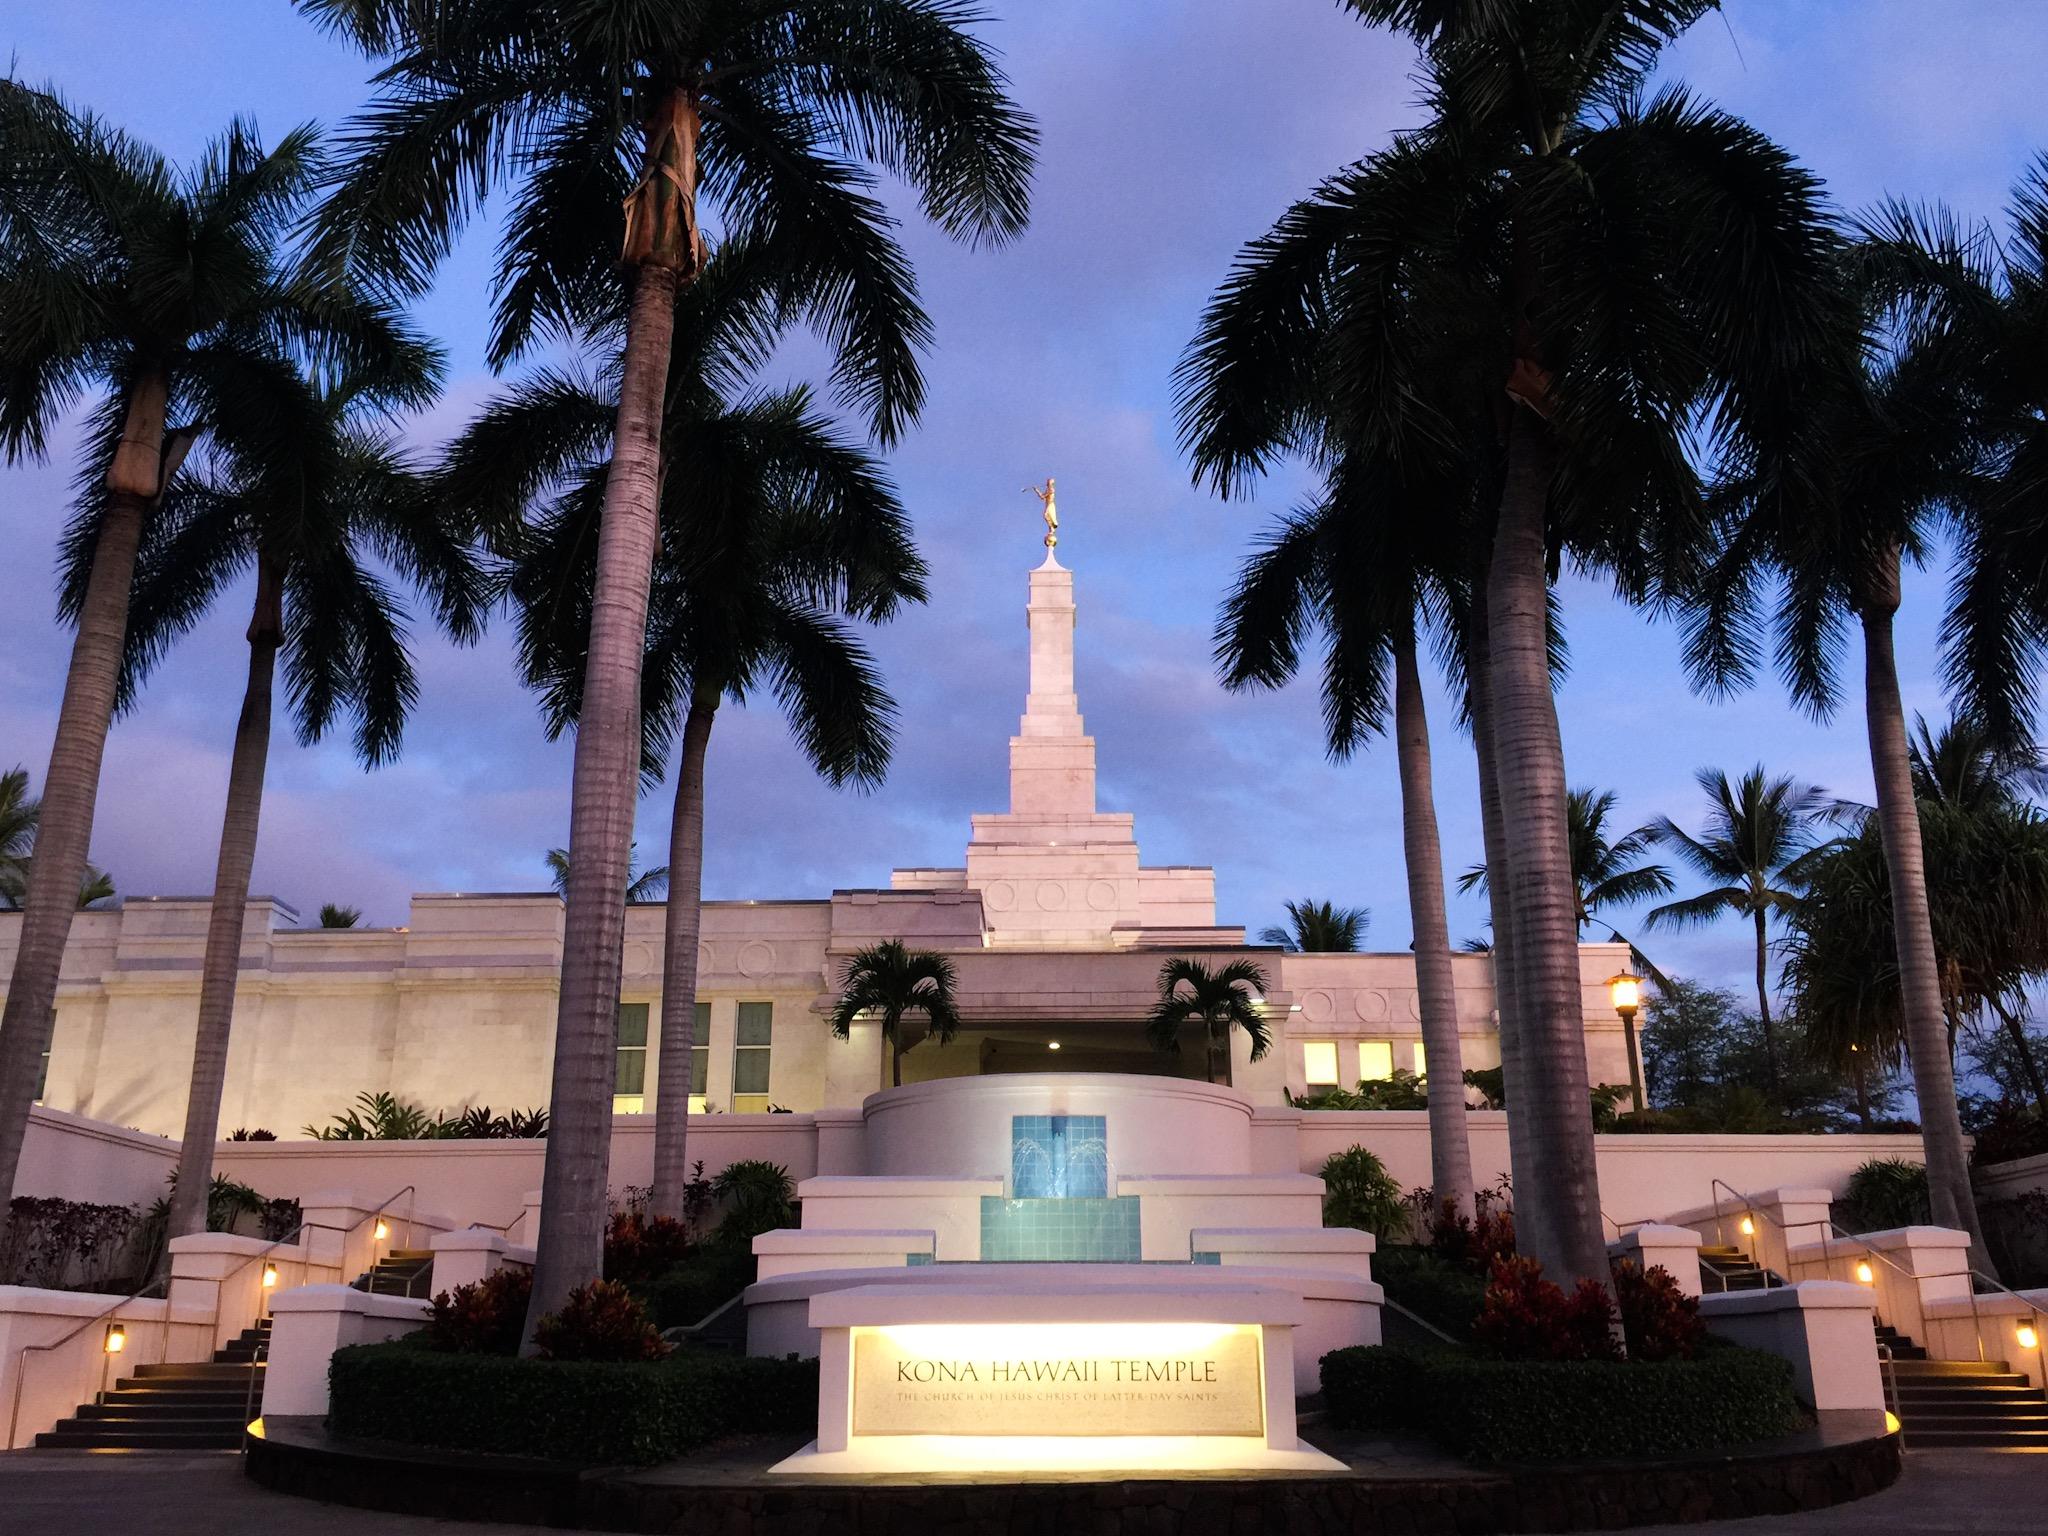 hawaii temple